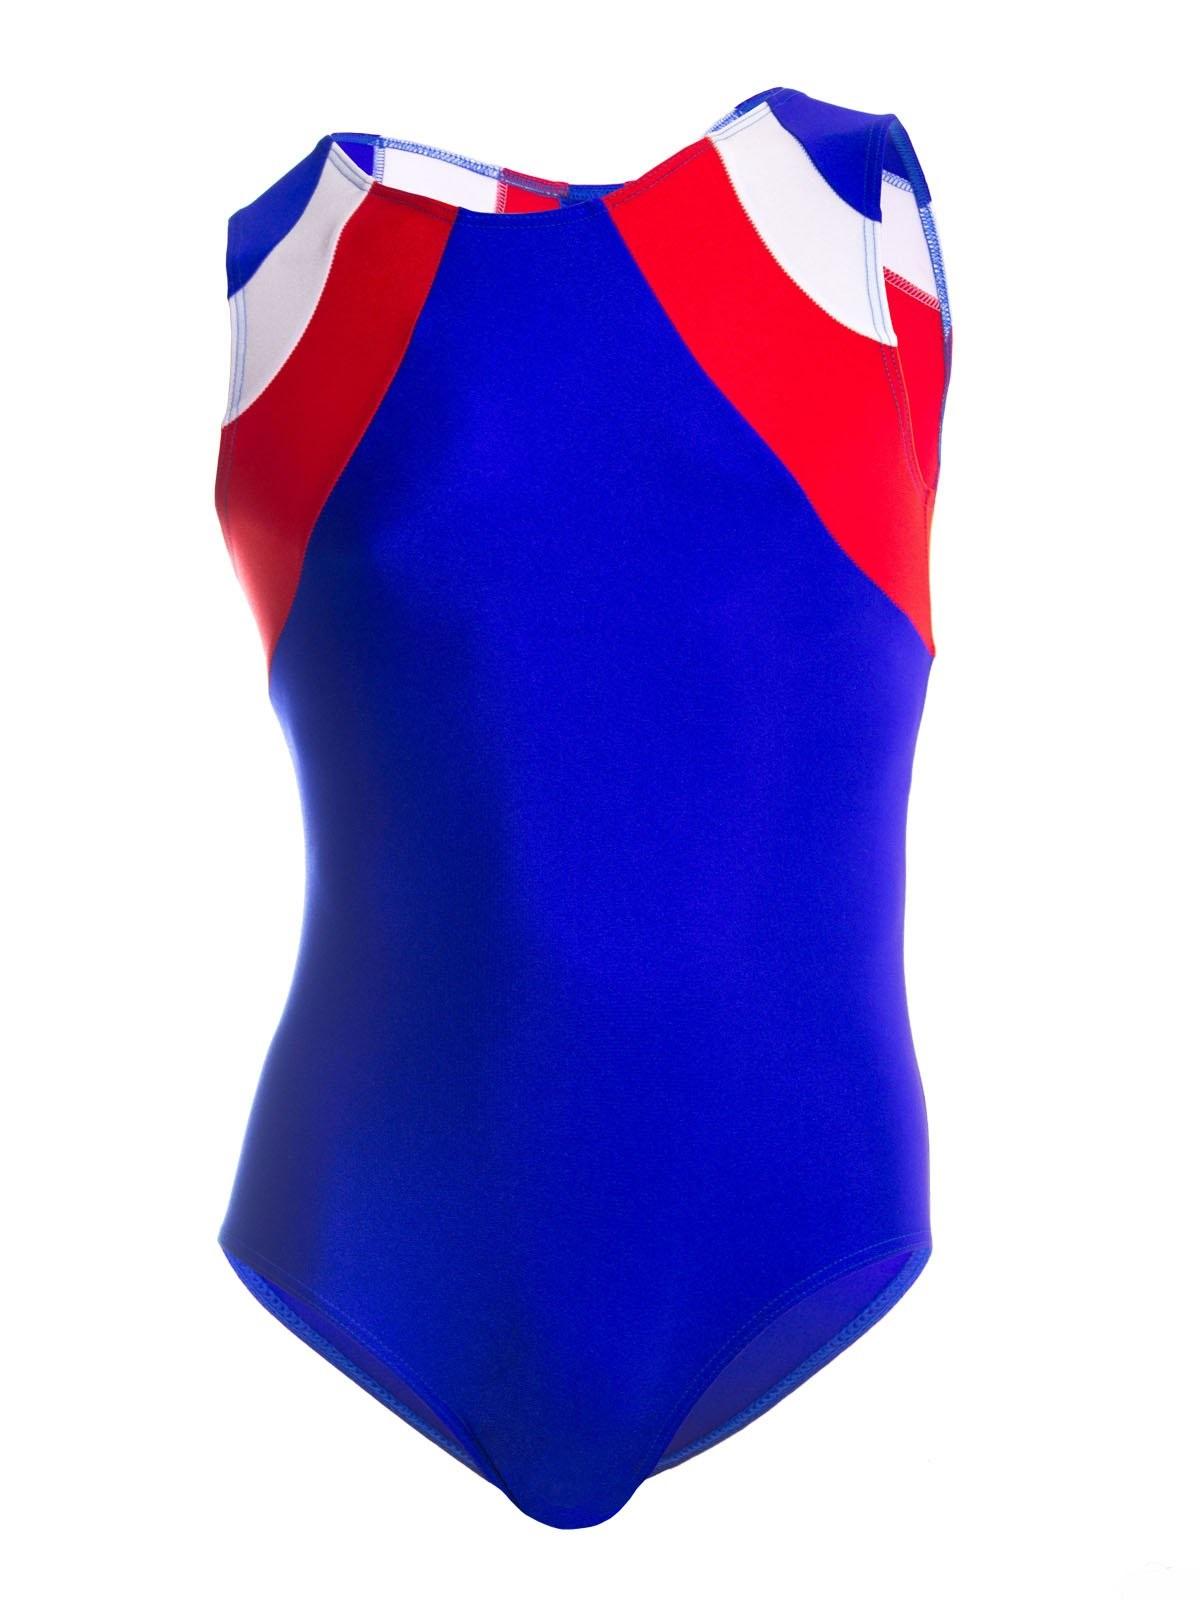 картинка Купальник для спортивной гимнастики со вставками для мальчика от магазина Одежда+